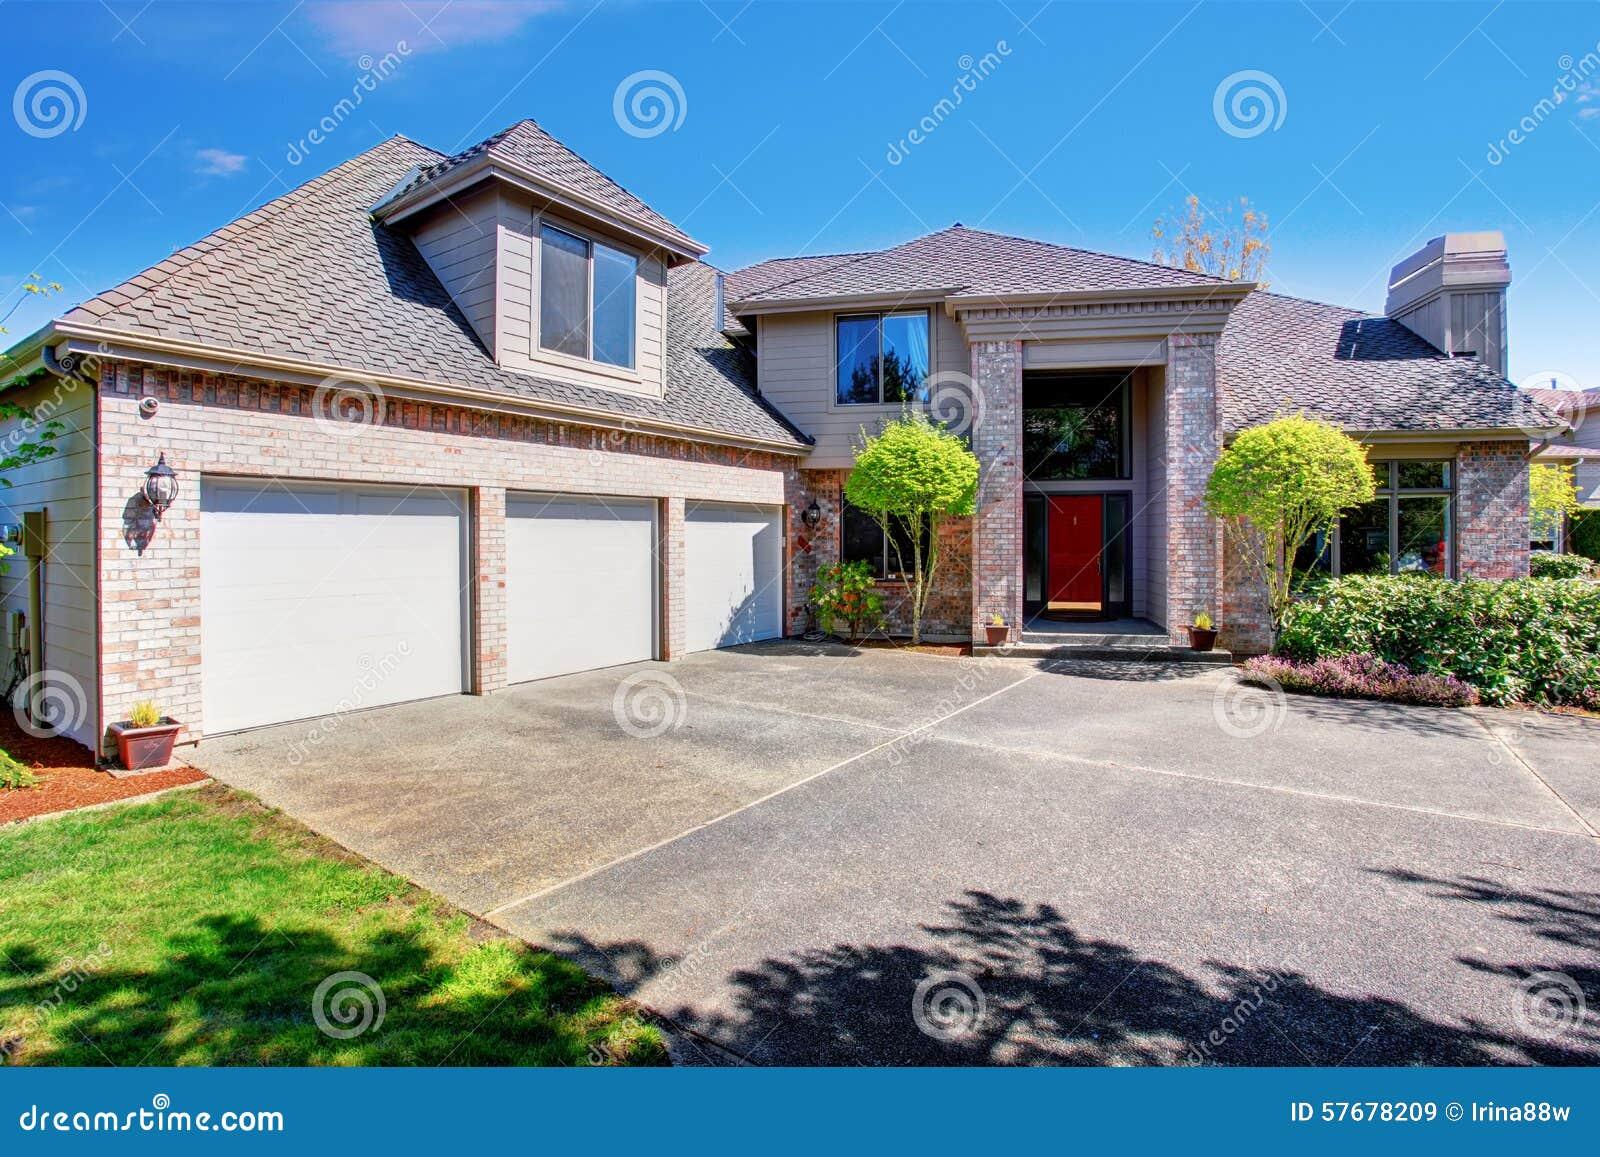 Maison Avec Alcôve : Maison américaine moderne avec la pelouse gentille image